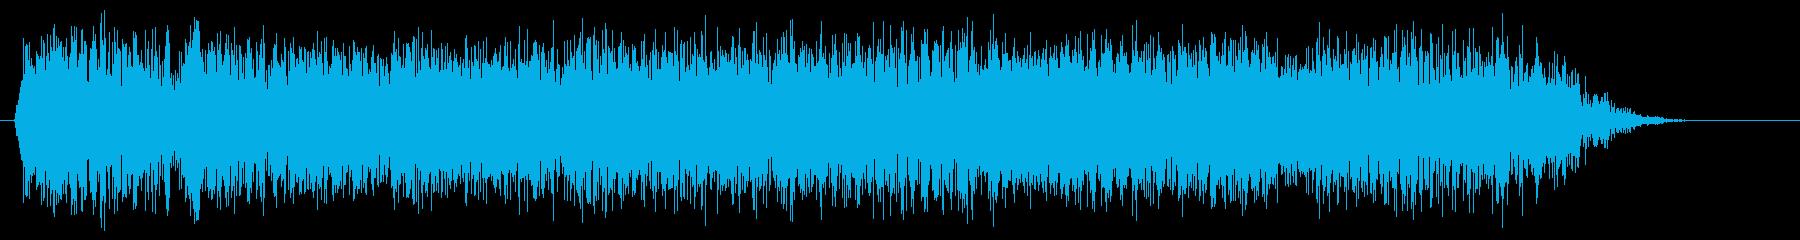 メタル クールなツインギターフレーズの再生済みの波形